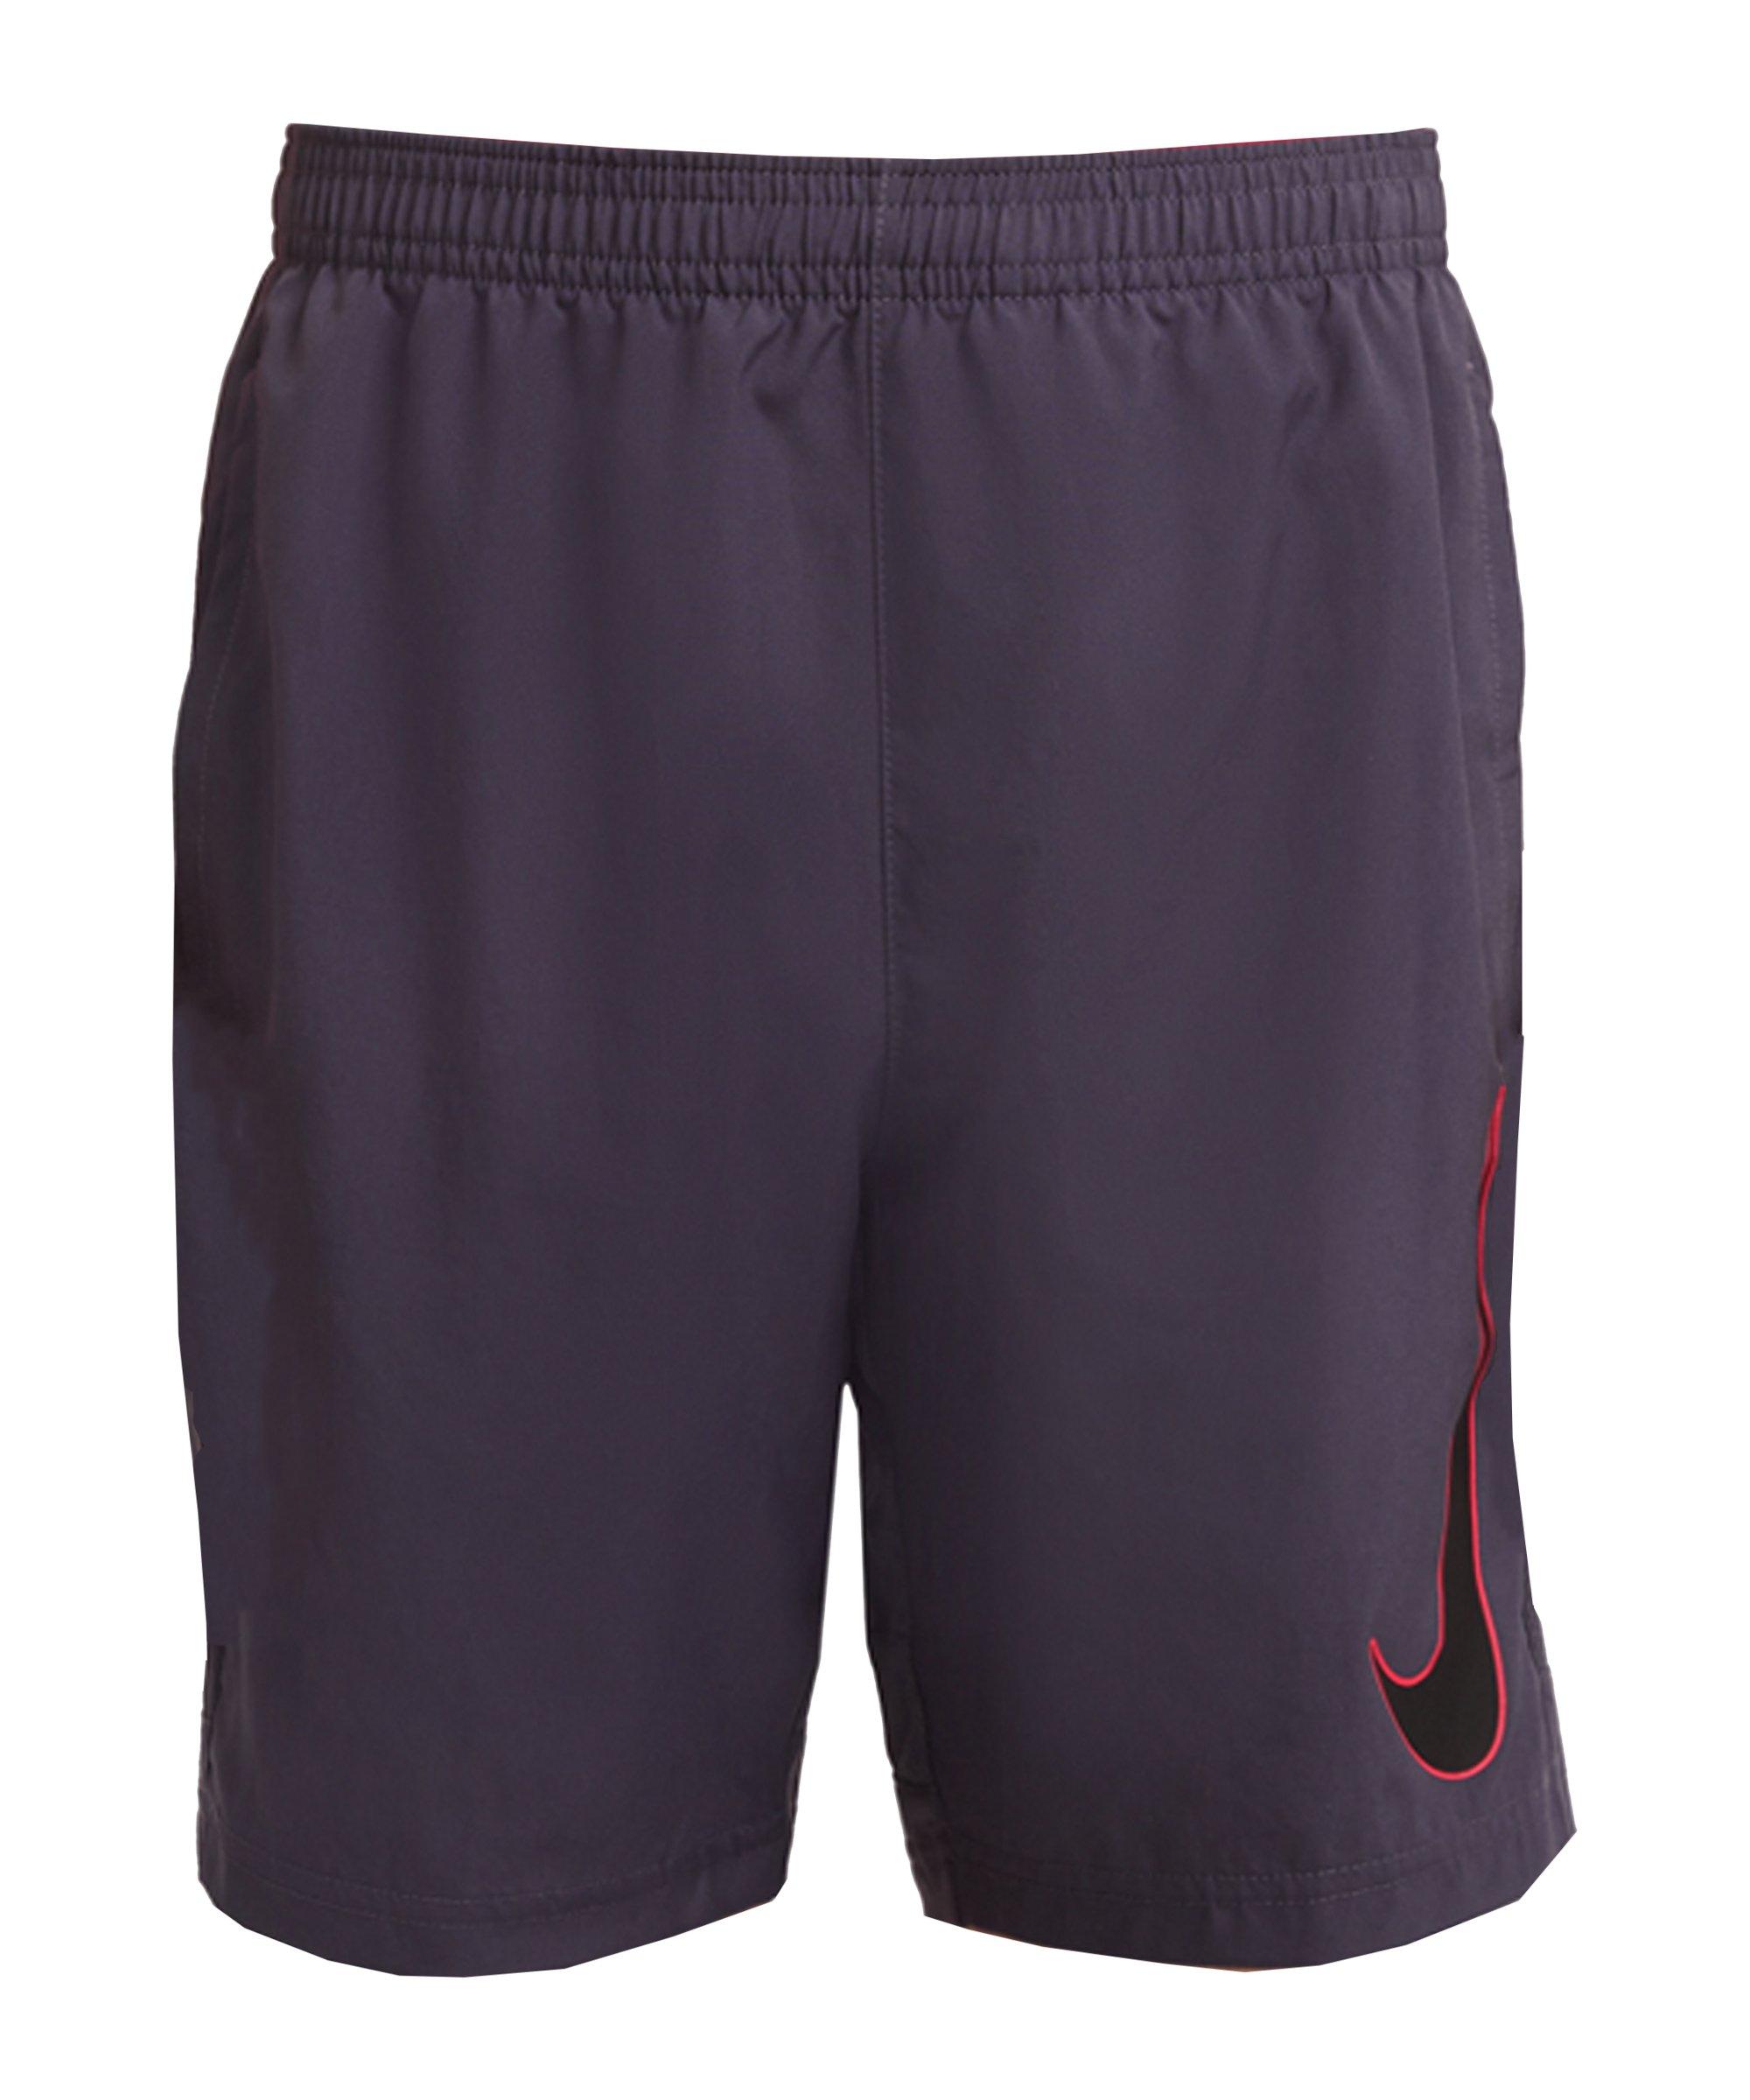 Nike Dri-Fit Academy Short Kids Lila Schwarz F573 - lila